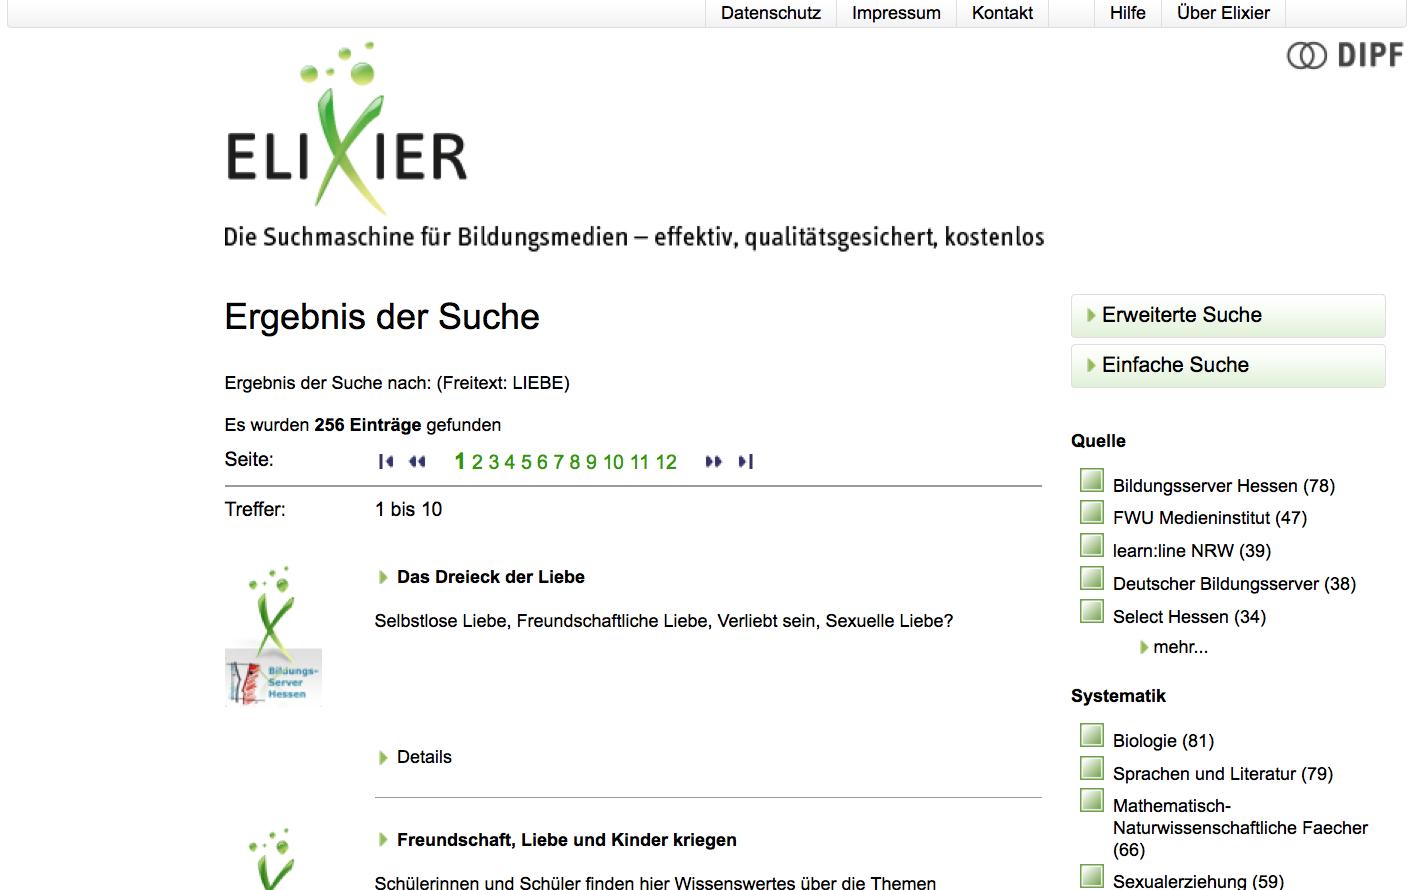 Screenshot von bildungsserver.de/elixier (nicht unter freier Lizenz)